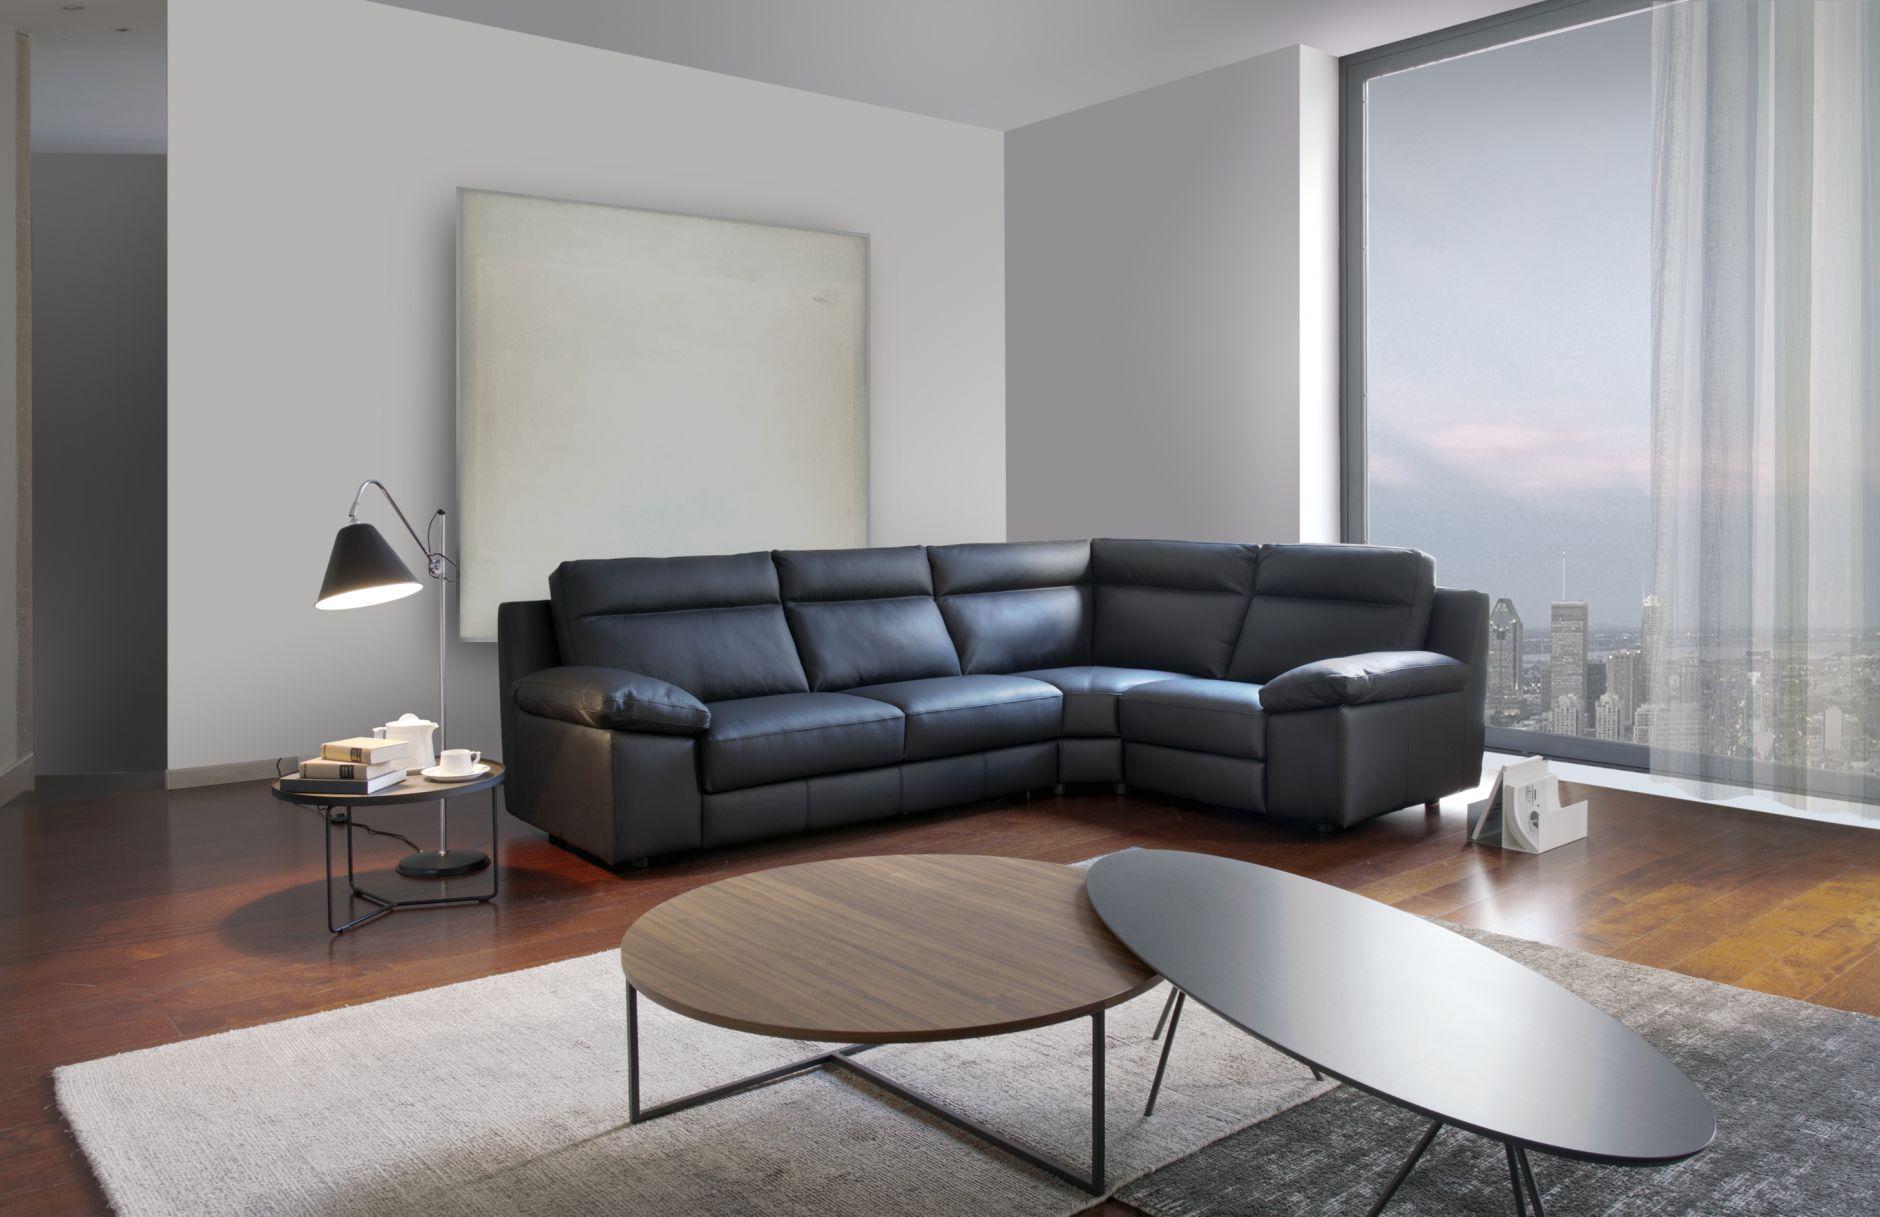 calia sofa calia italia sofa price designs and ideas thesofa. Black Bedroom Furniture Sets. Home Design Ideas